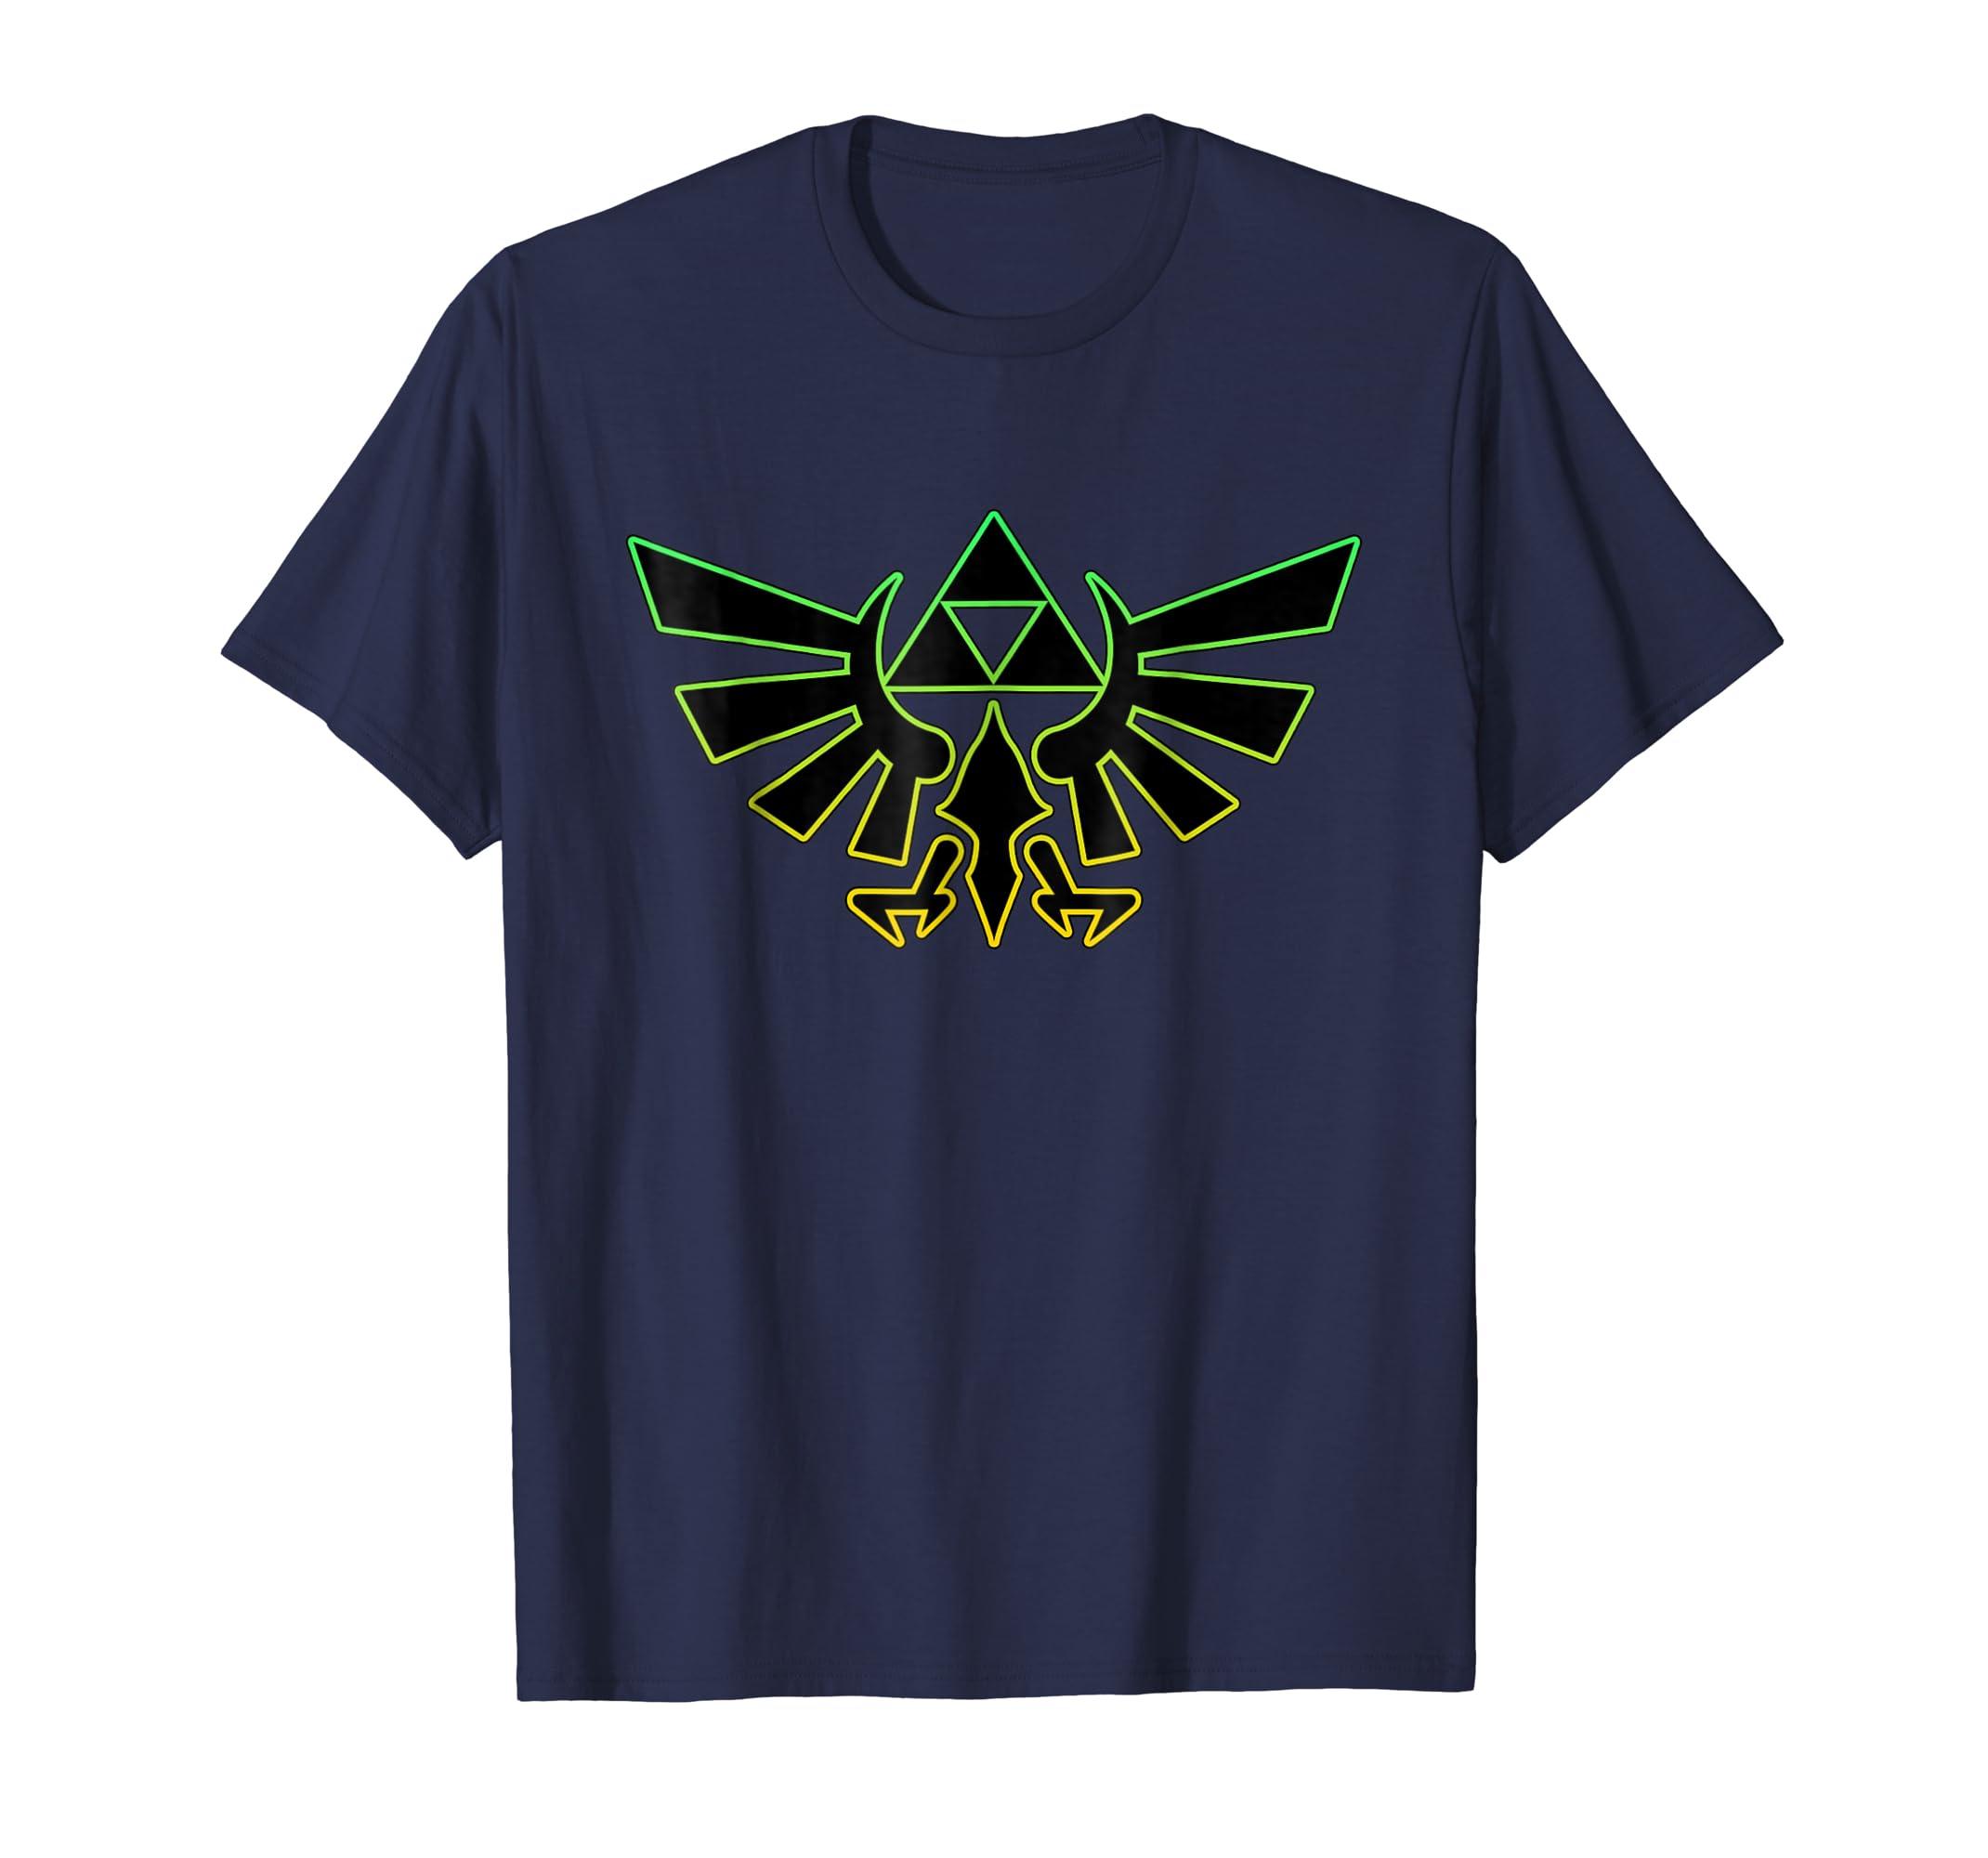 cbd38d17b Amazon.com: Nintendo Zelda Hyrule Crest Triforce Neon Outline T-Shirt:  Clothing